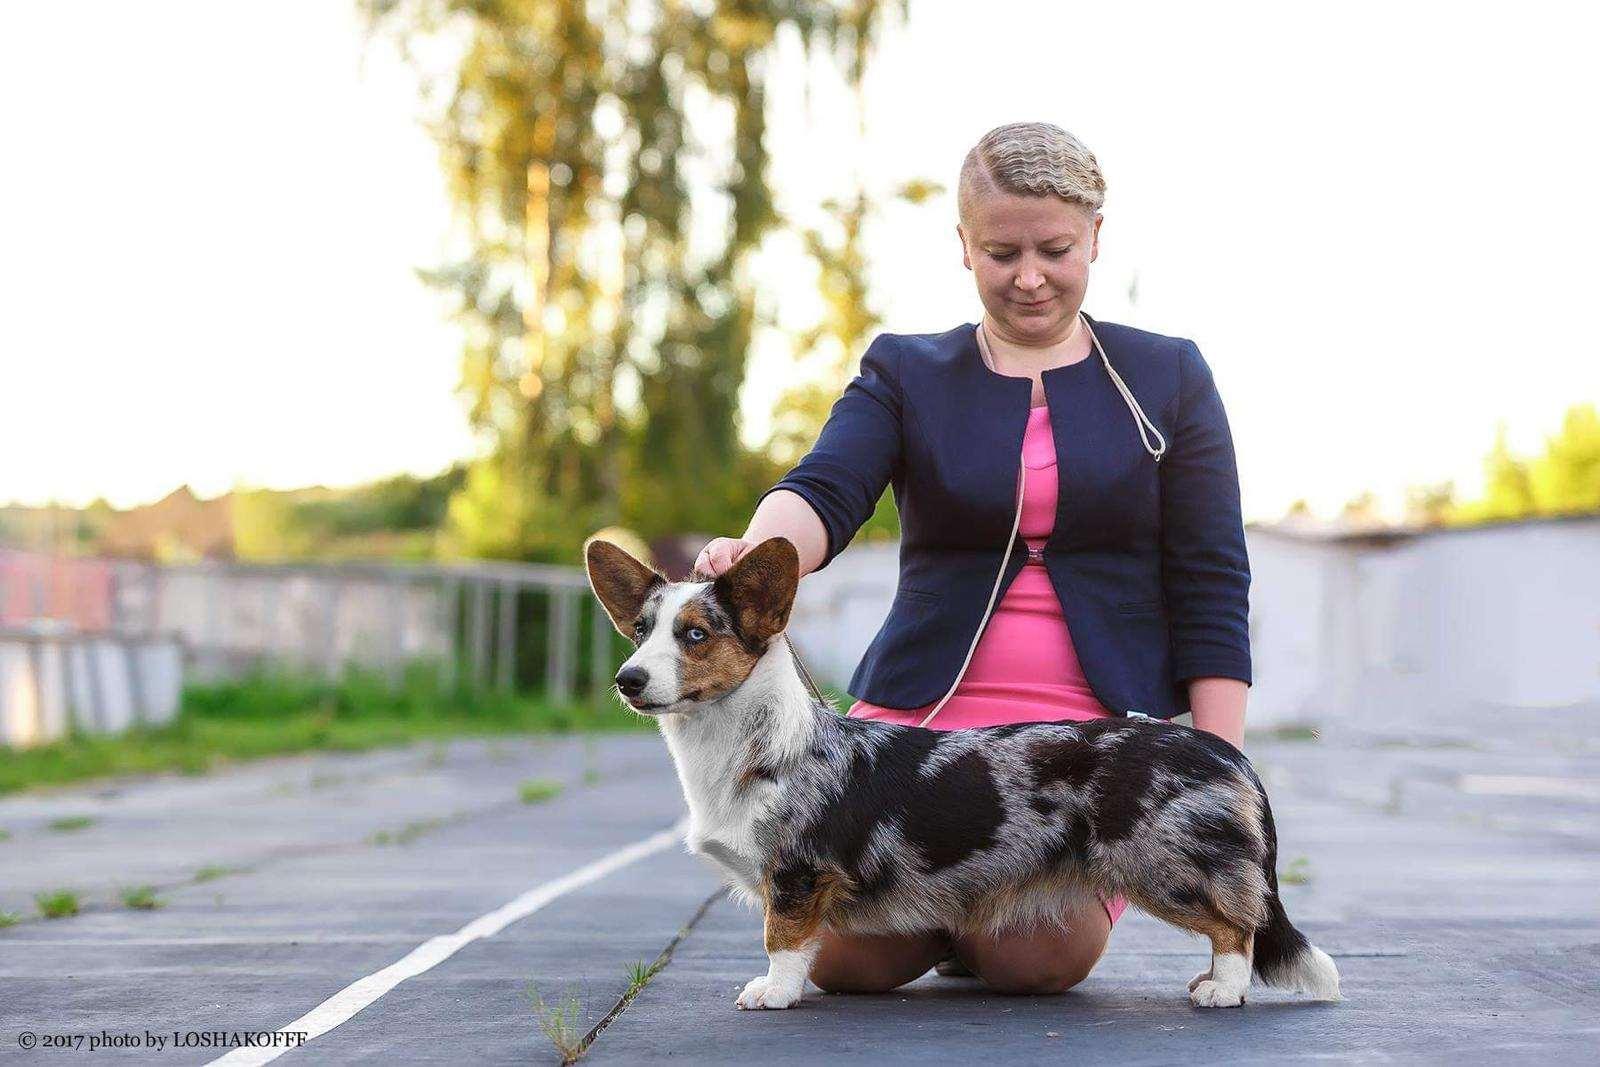 כלבים - וולש קורגי קרדיגן